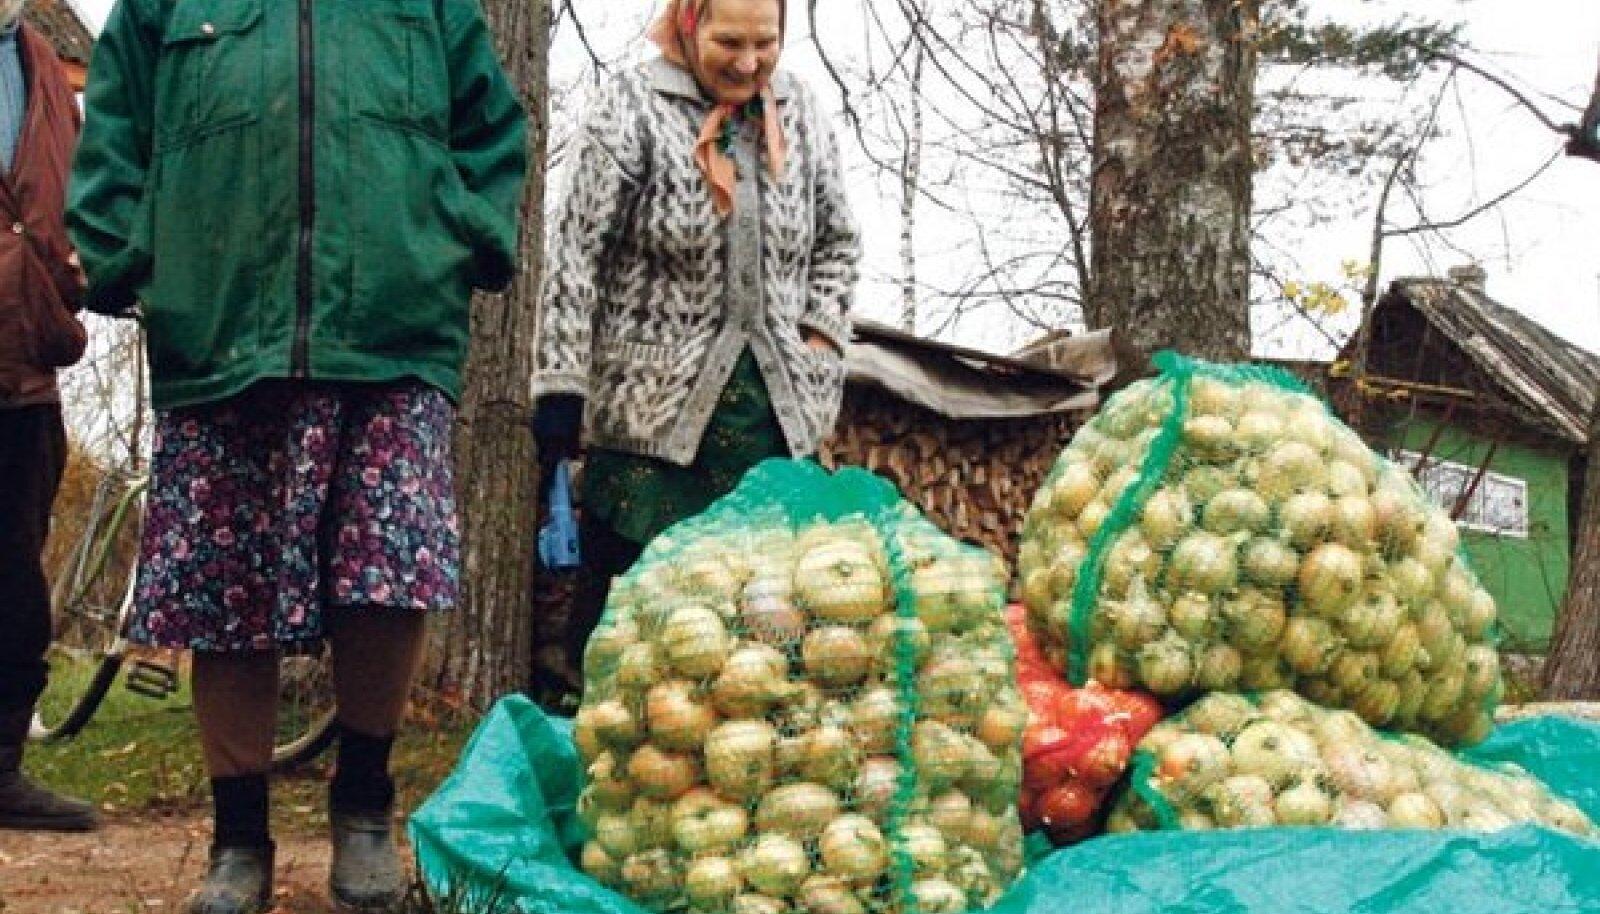 Pärast Eesti Päevalehe üleskutset said Peipsi-äärsed sibulakasvatajad sibulaid soovijatele kokku tooma hakata.